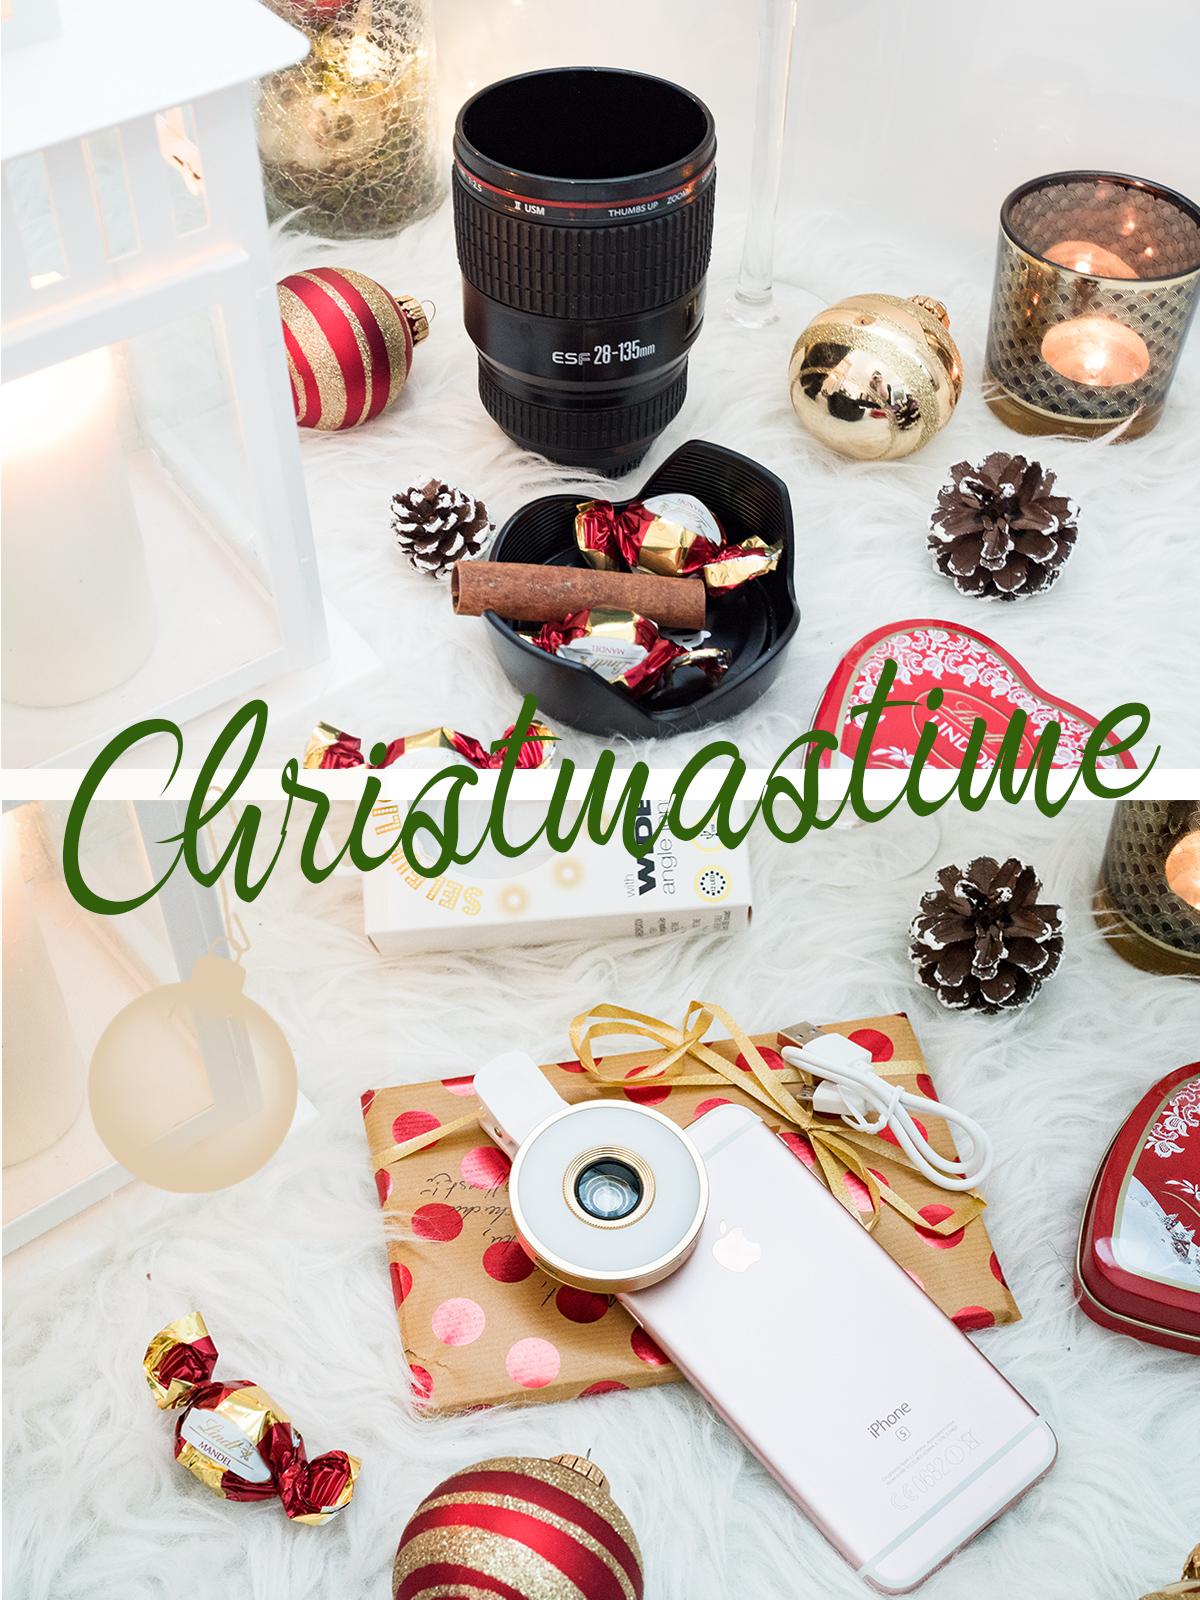 Bild: Weihnachtsgeschenke, Selfie Licht, Kamera Objektiv Tasse, Blogger, Berlin, Geschenke